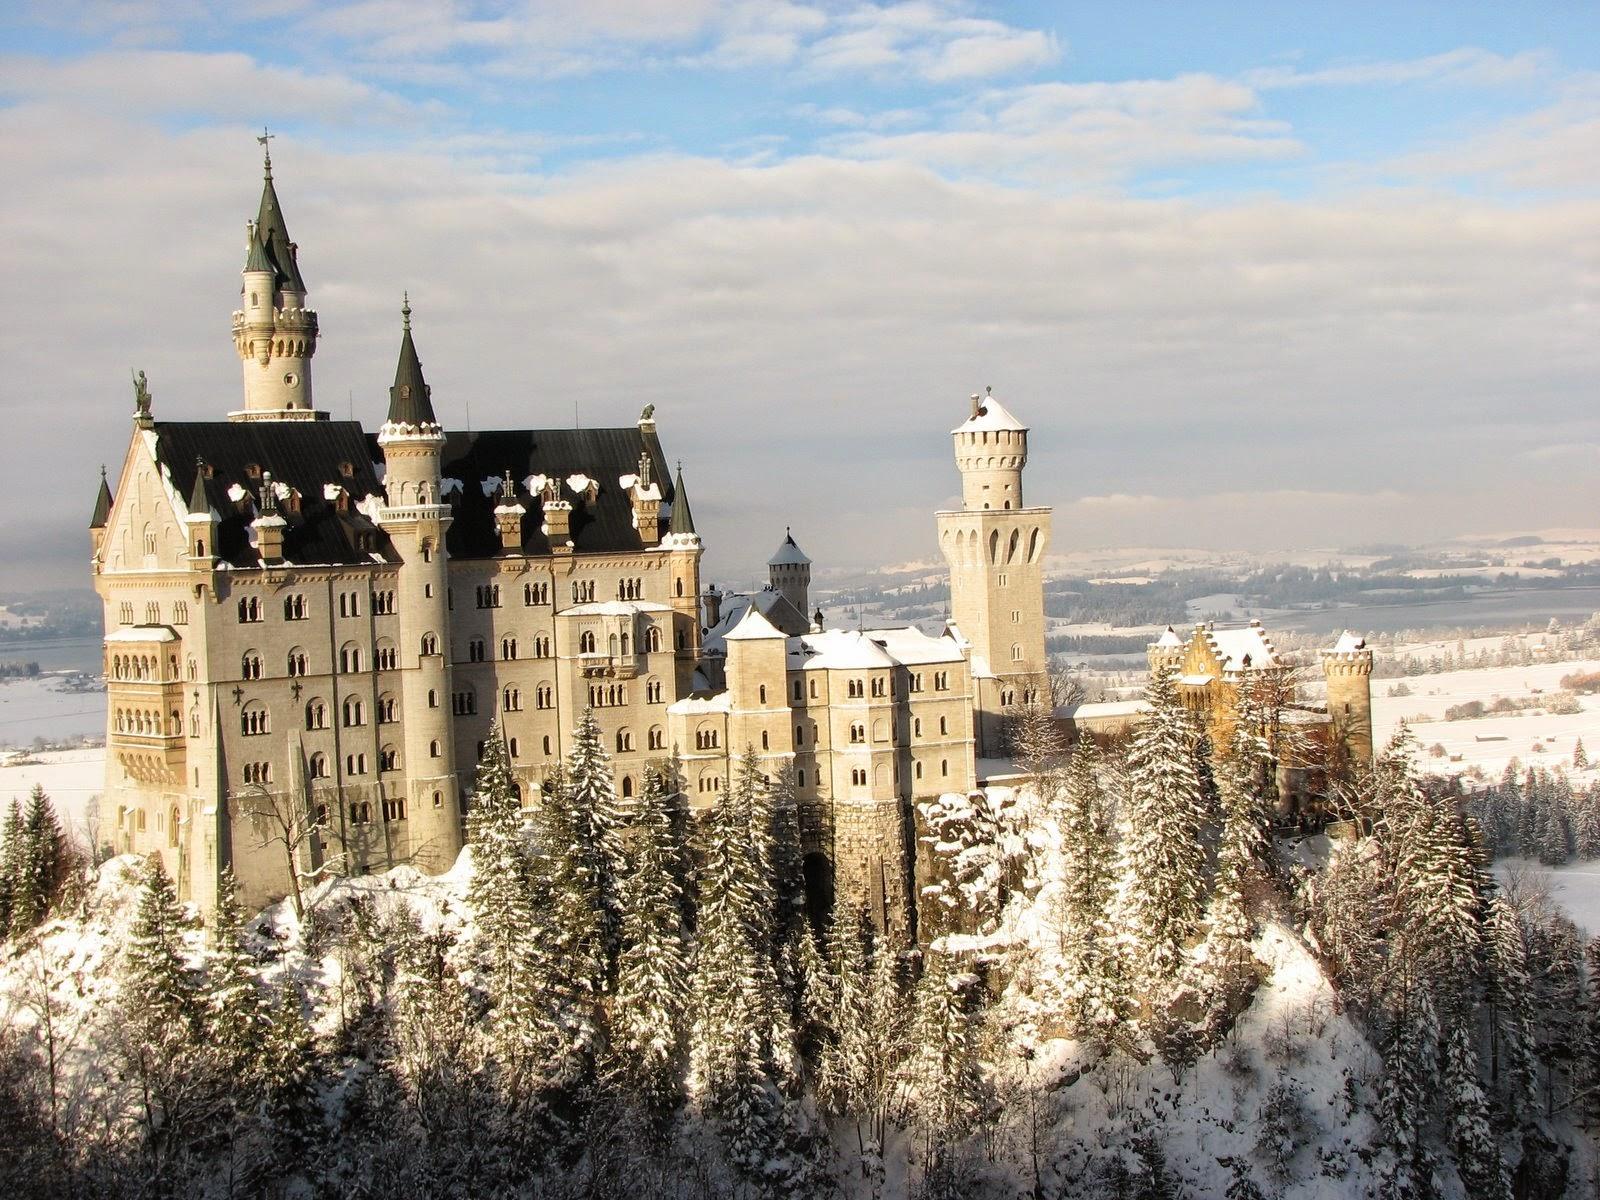 Kastil Paling Megah Di Dunia Pulan Berita Unik Aneh Tapi Nyata